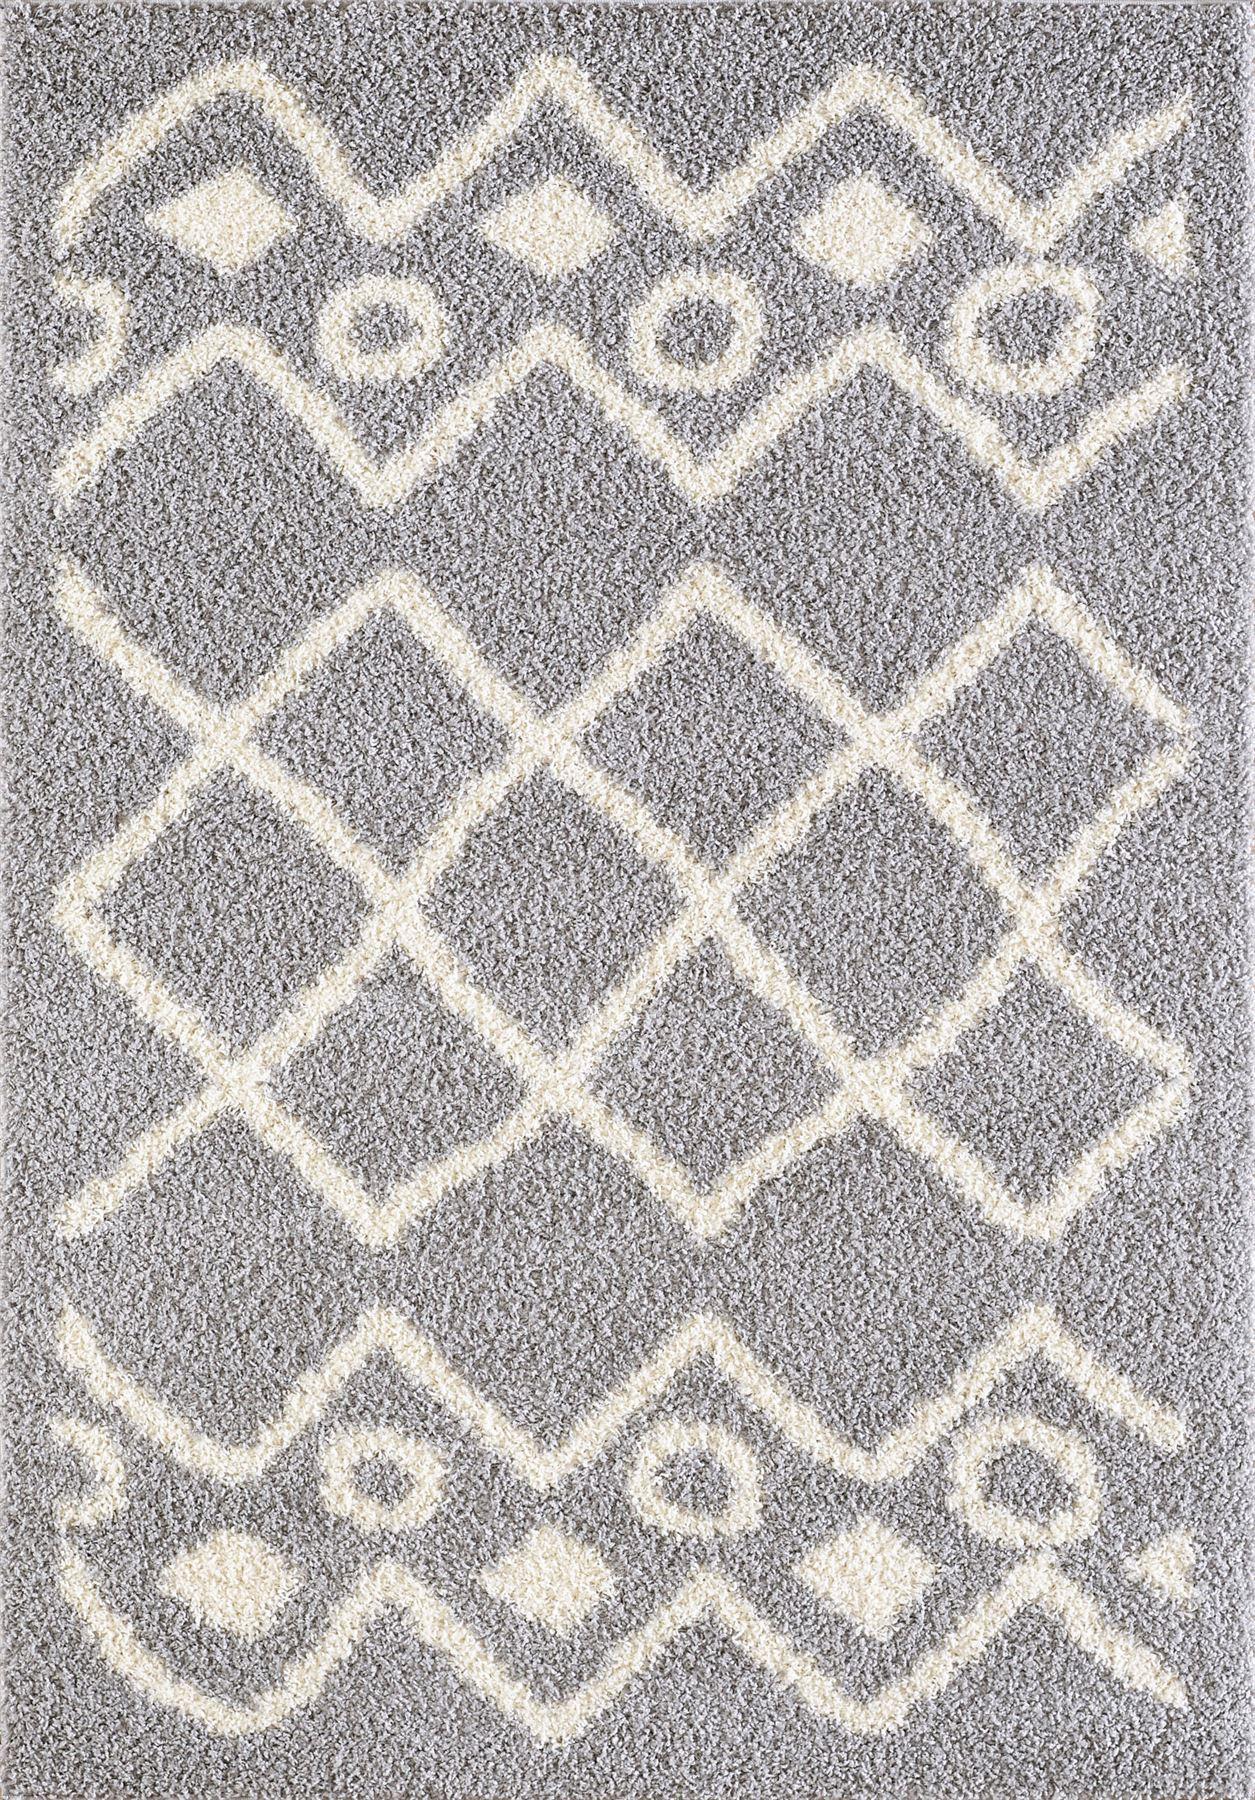 Tappeto-A2Z-Nero-Grigio-Avorio-tradizionale-marocchina-Shaggy-Berber-Boho-Tribal-3cm-Pile miniatura 27